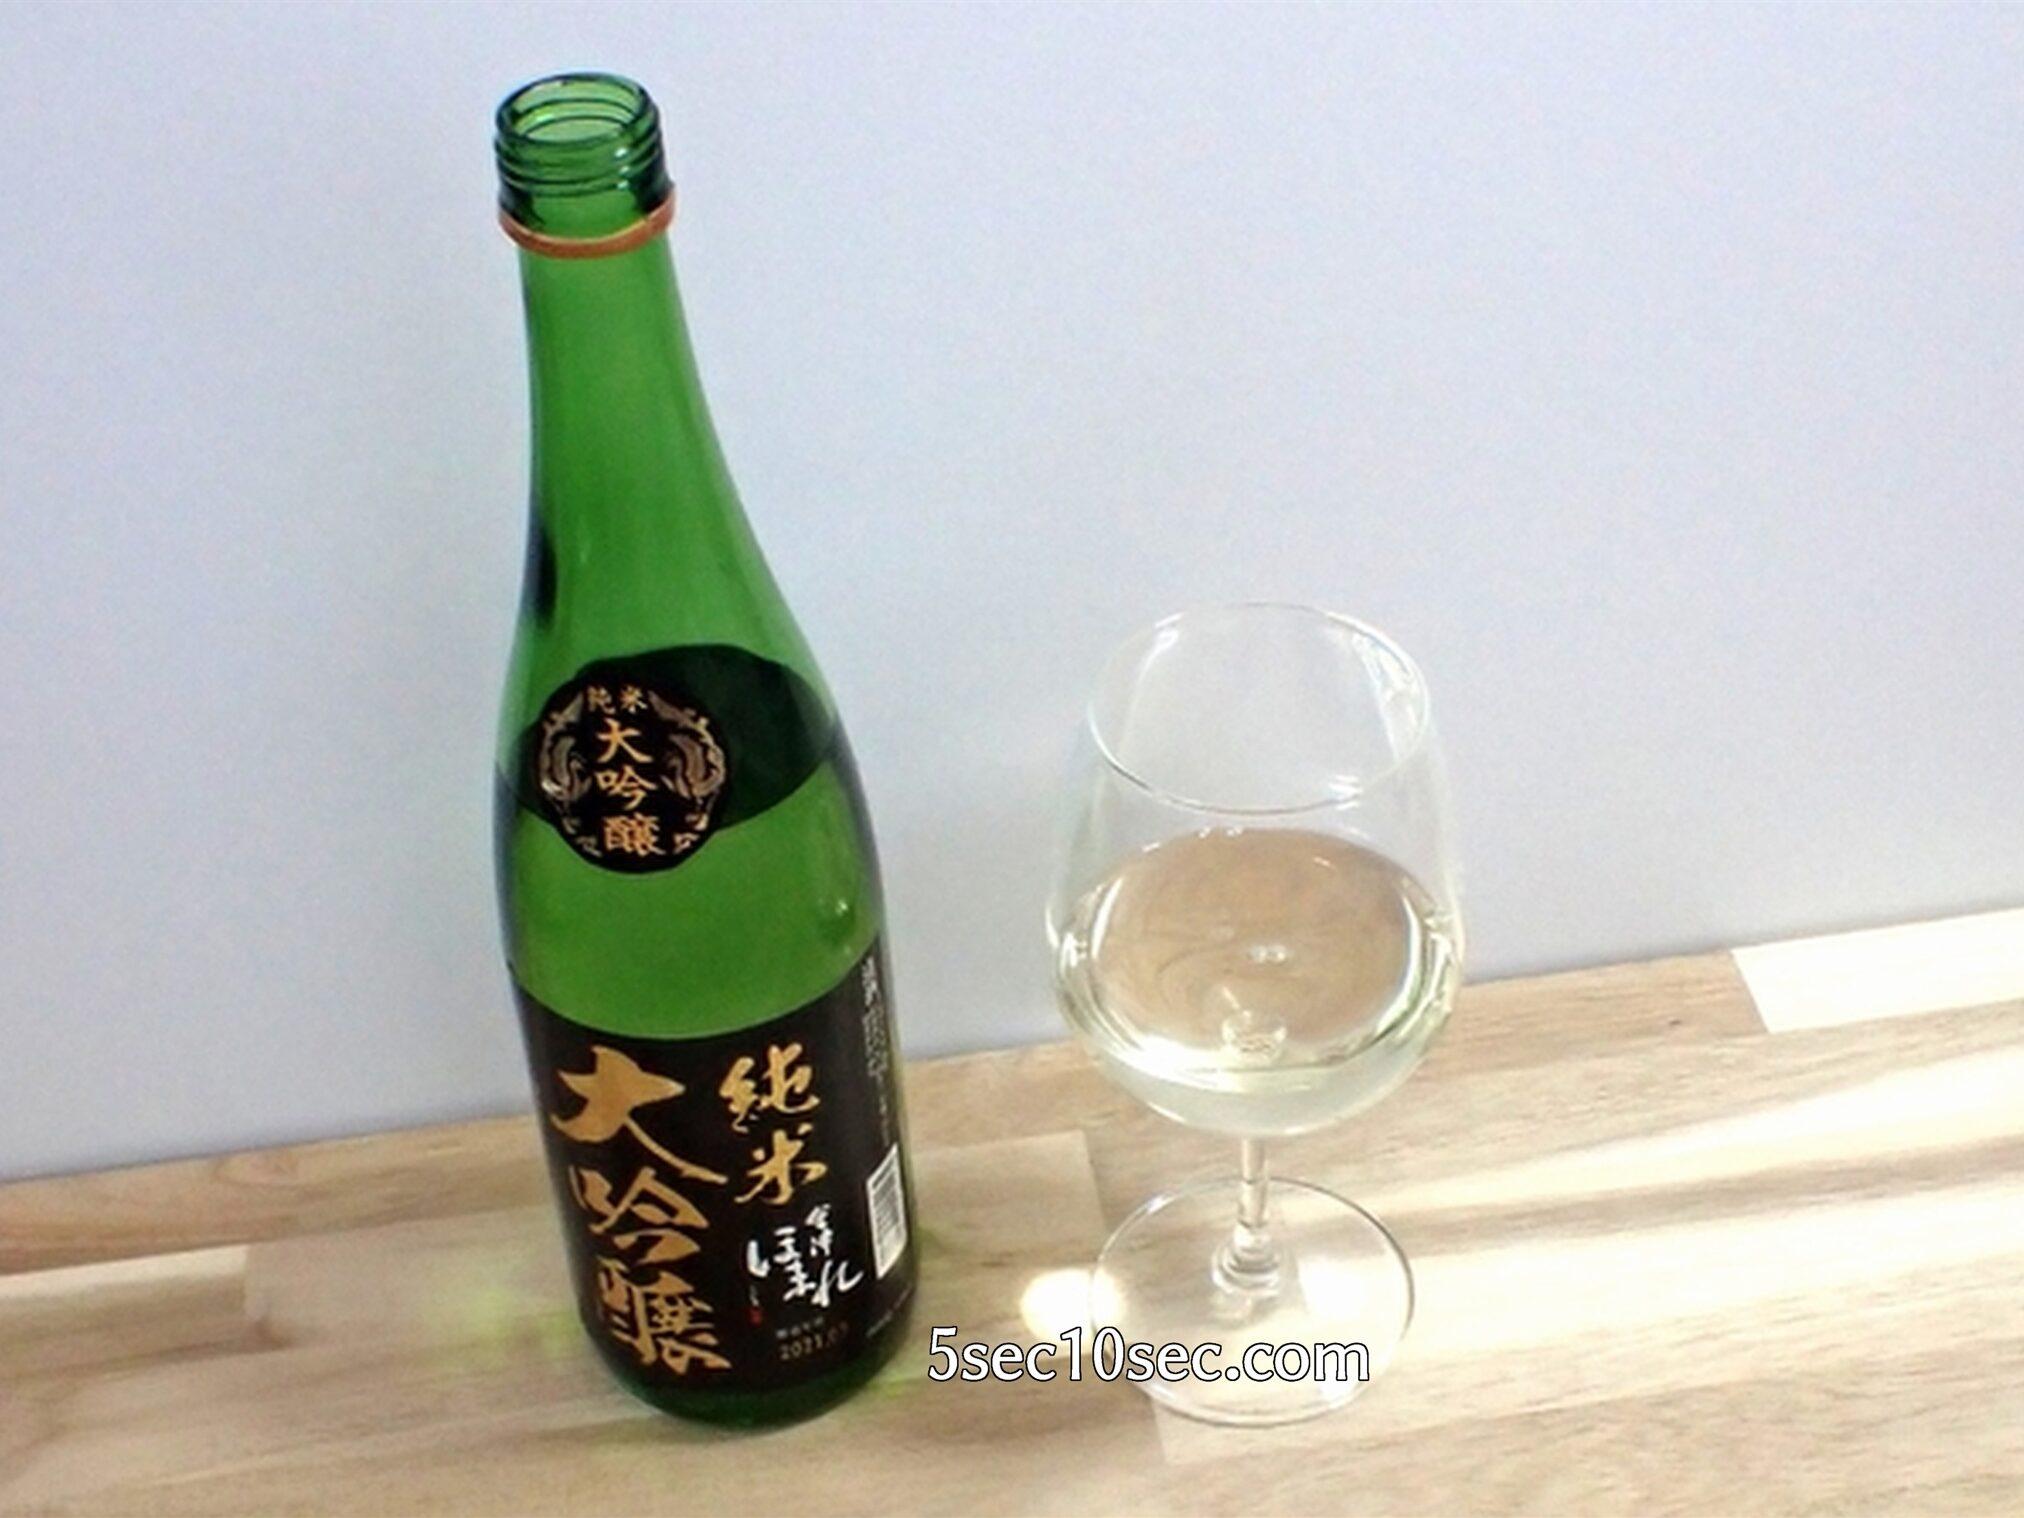 メロンやバナナのフルーティな香り 日本酒 純米大吟醸 会津ほまれ 黒 極 黒ラベル